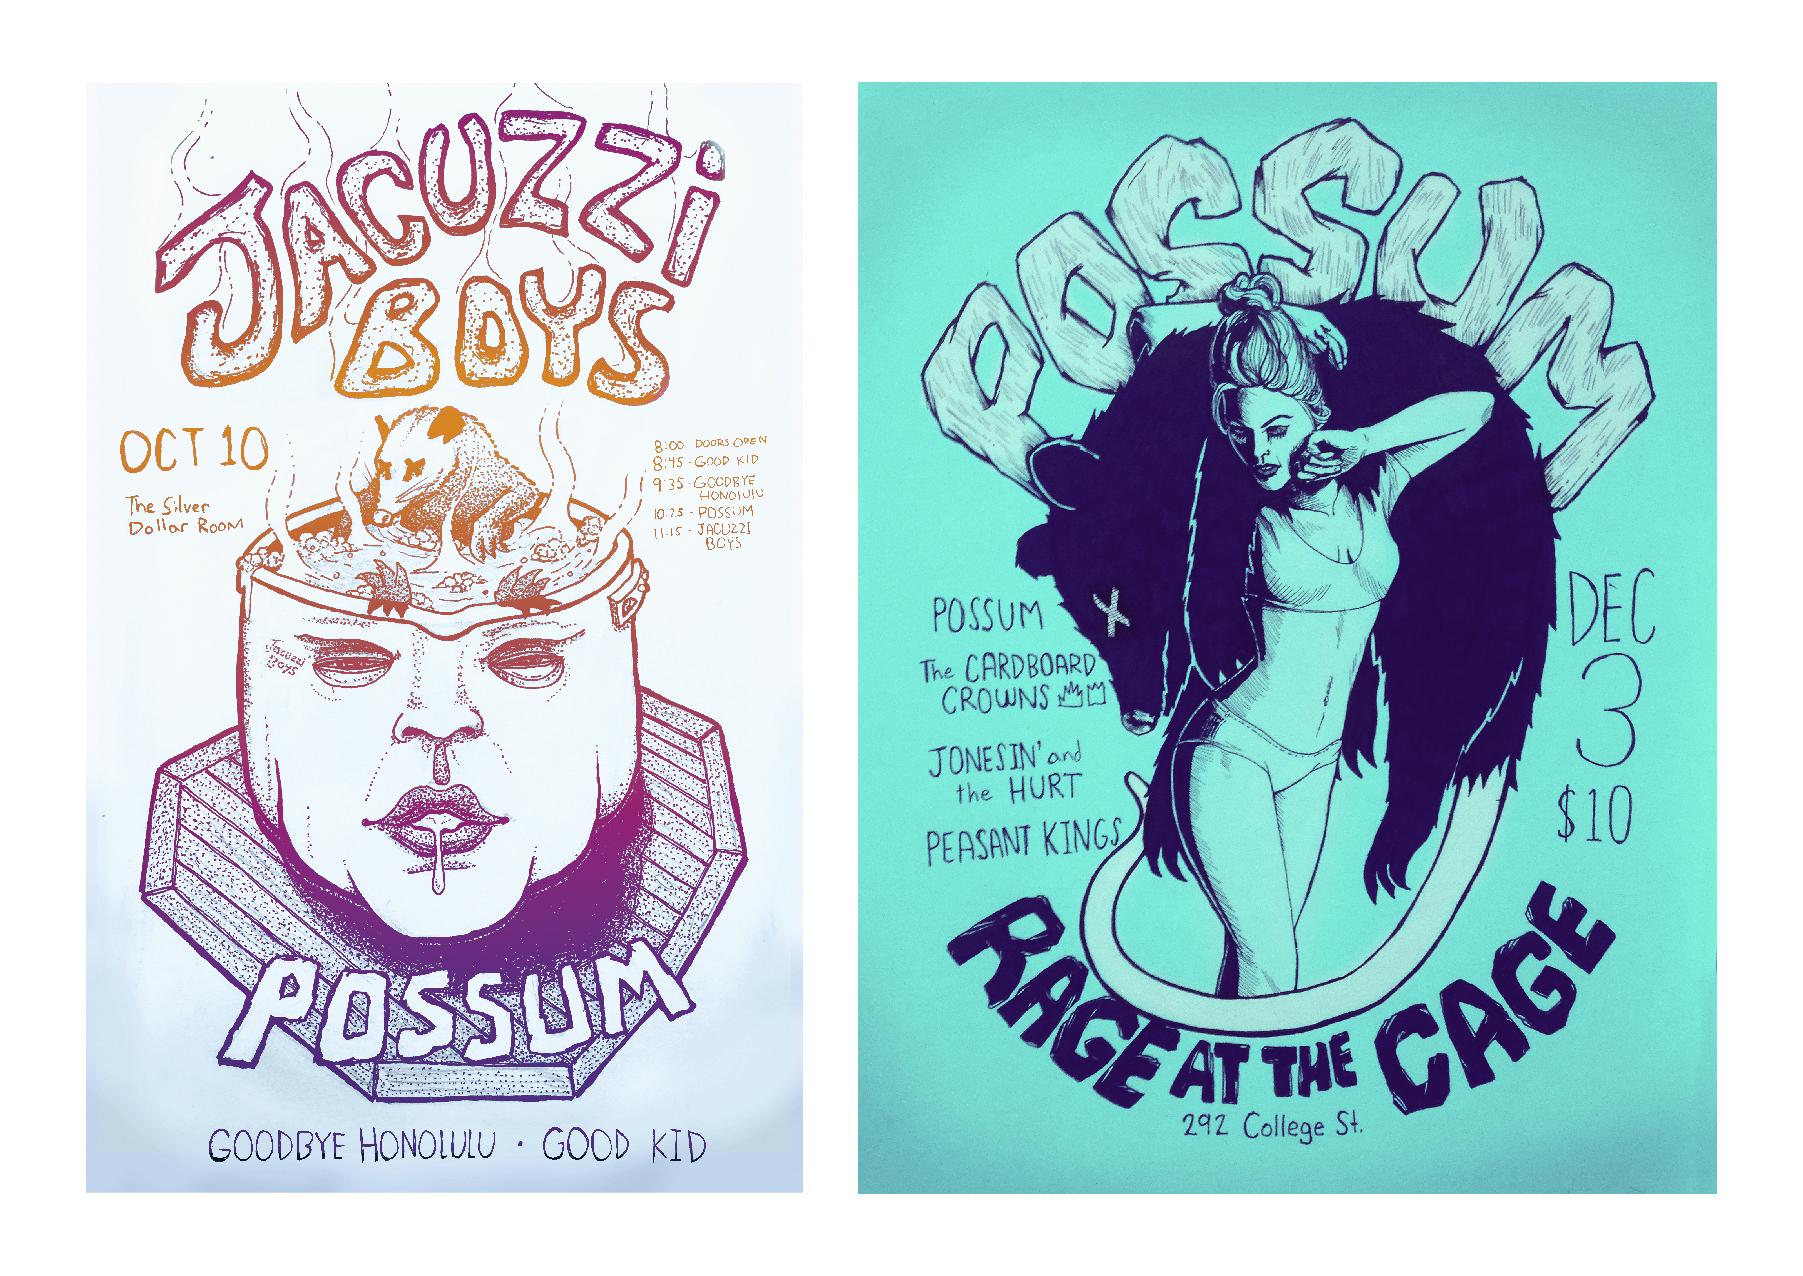 Possum music poster design